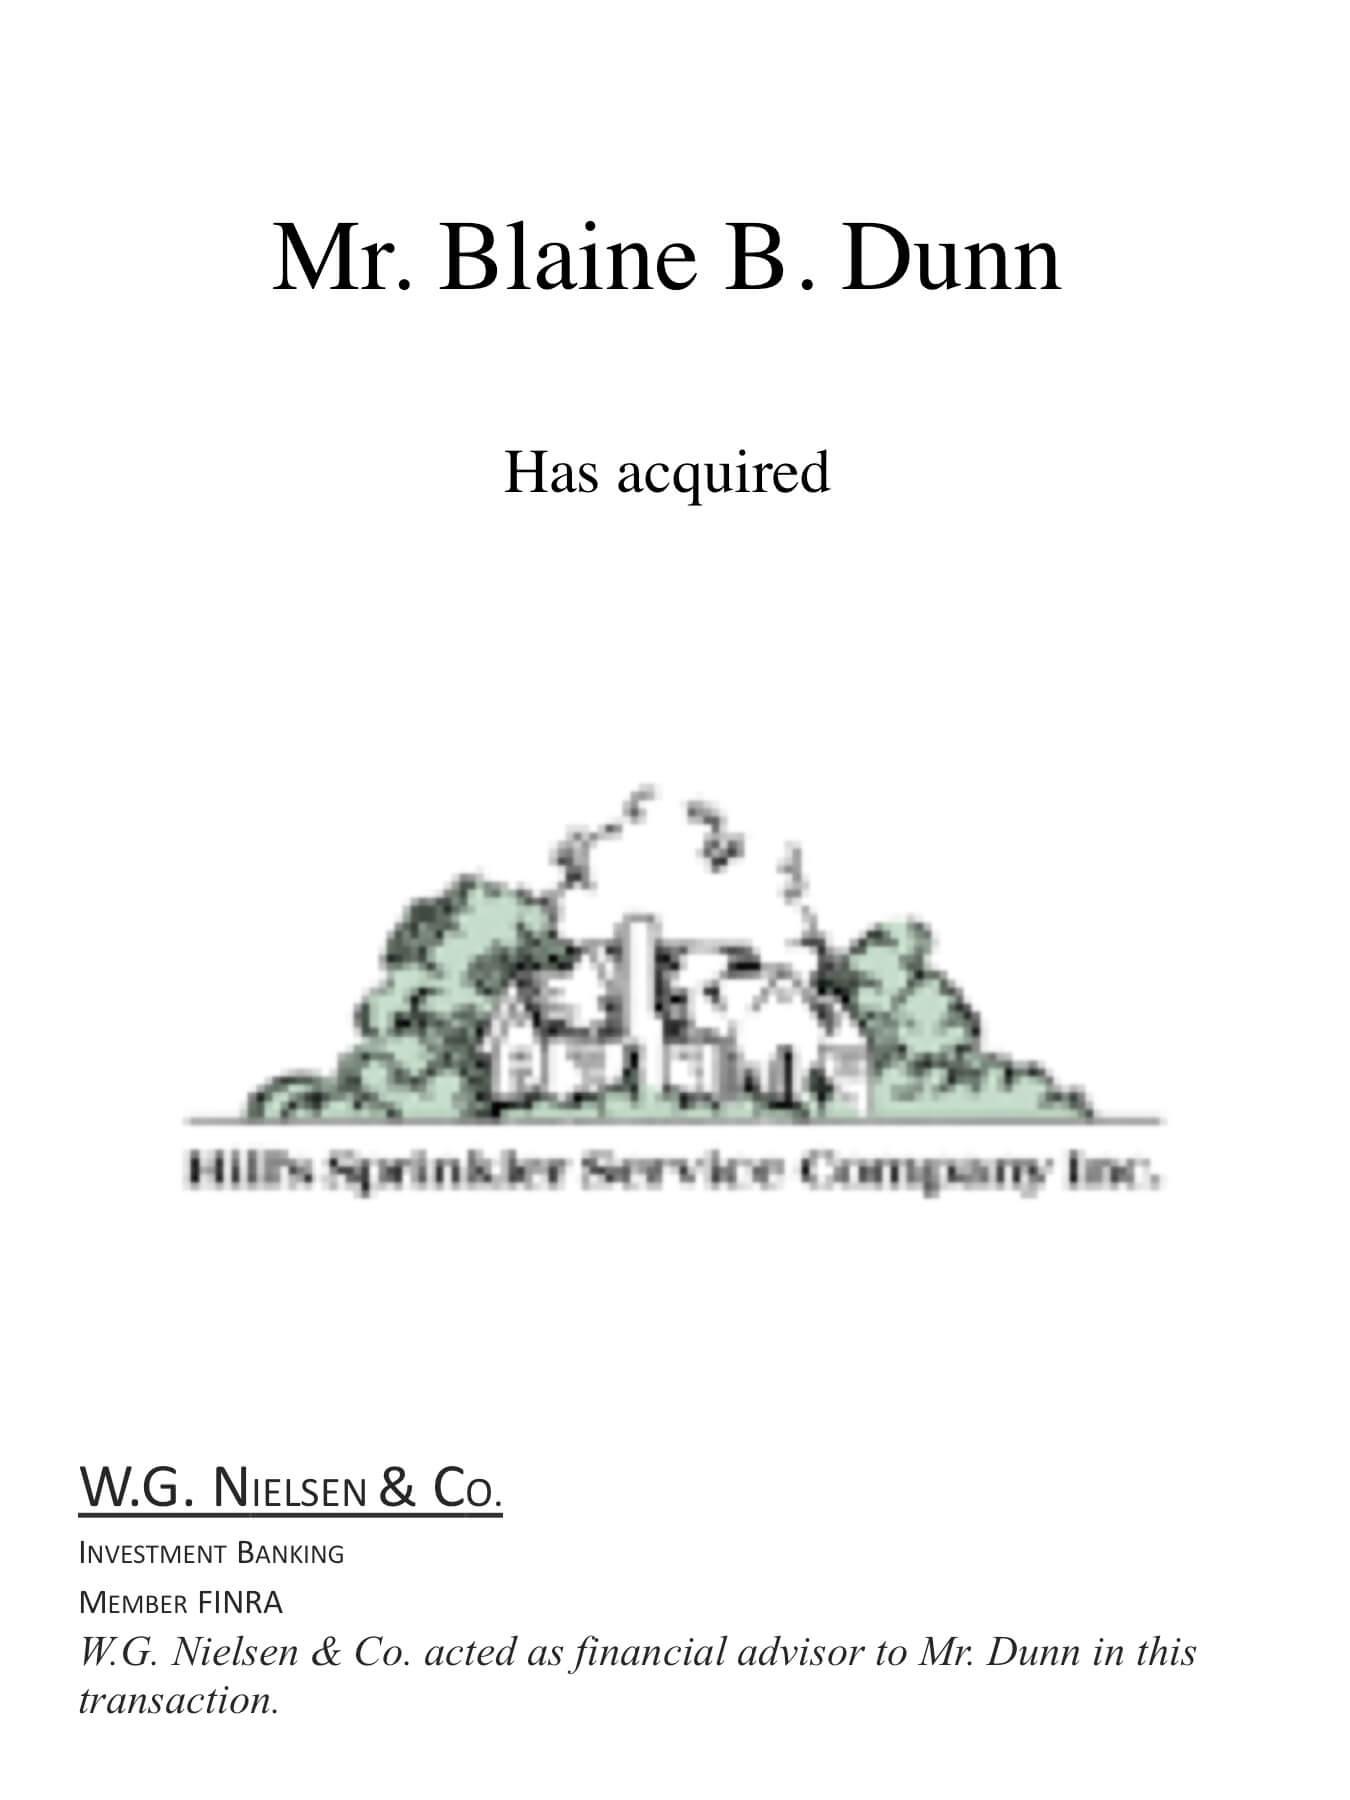 blaine b dunn investment banking transaction